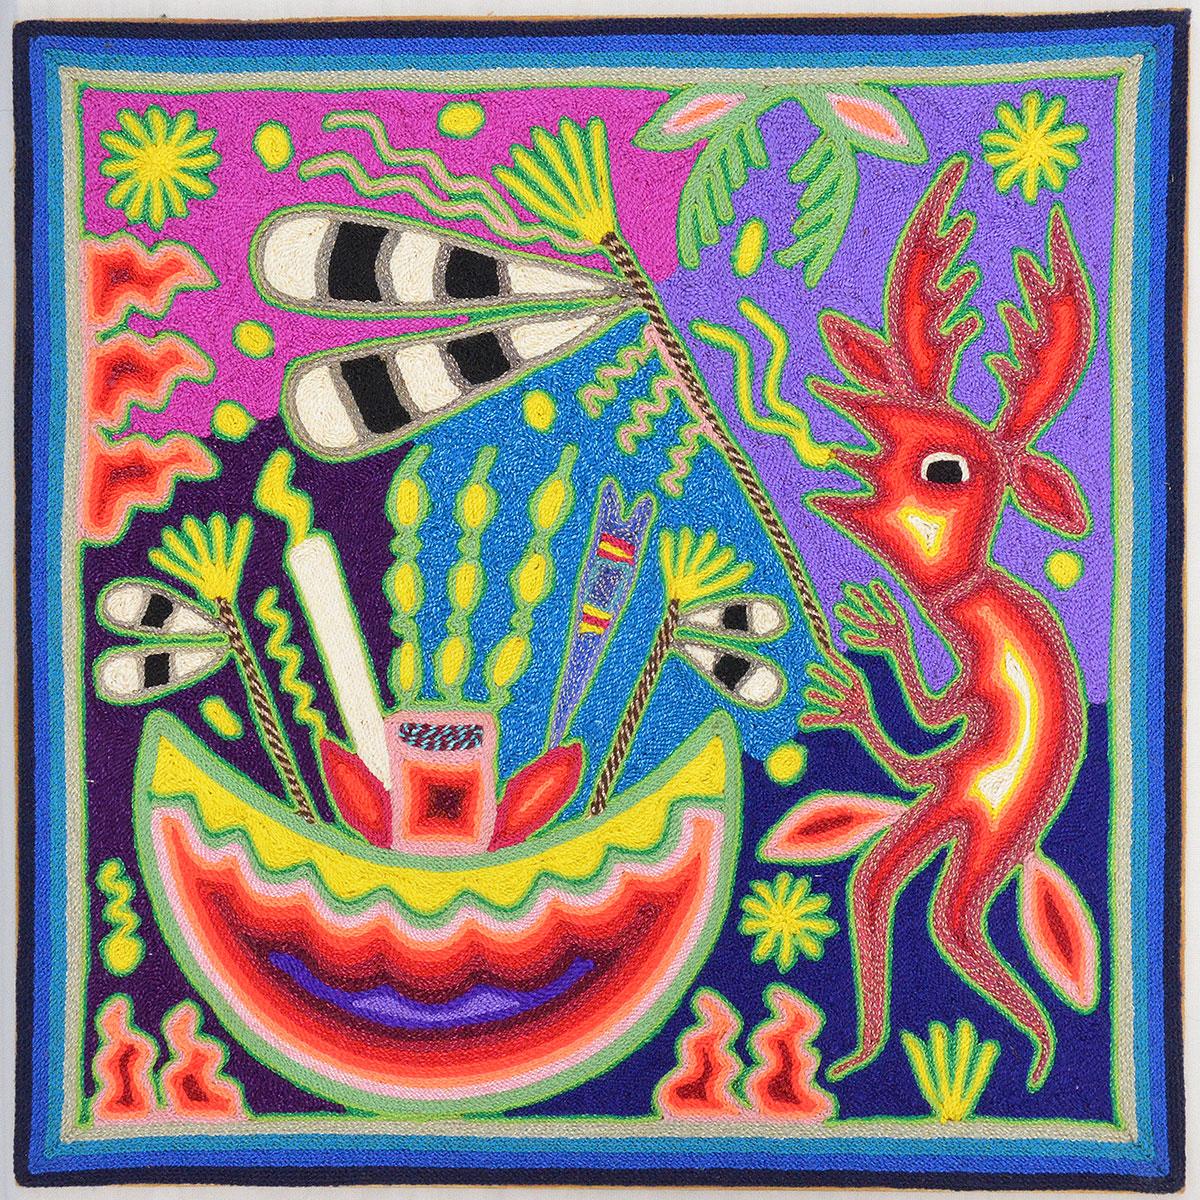 Maximino Renteria de la Cruz & Yolanda Diaz Medina: Huichol Yarn Painting